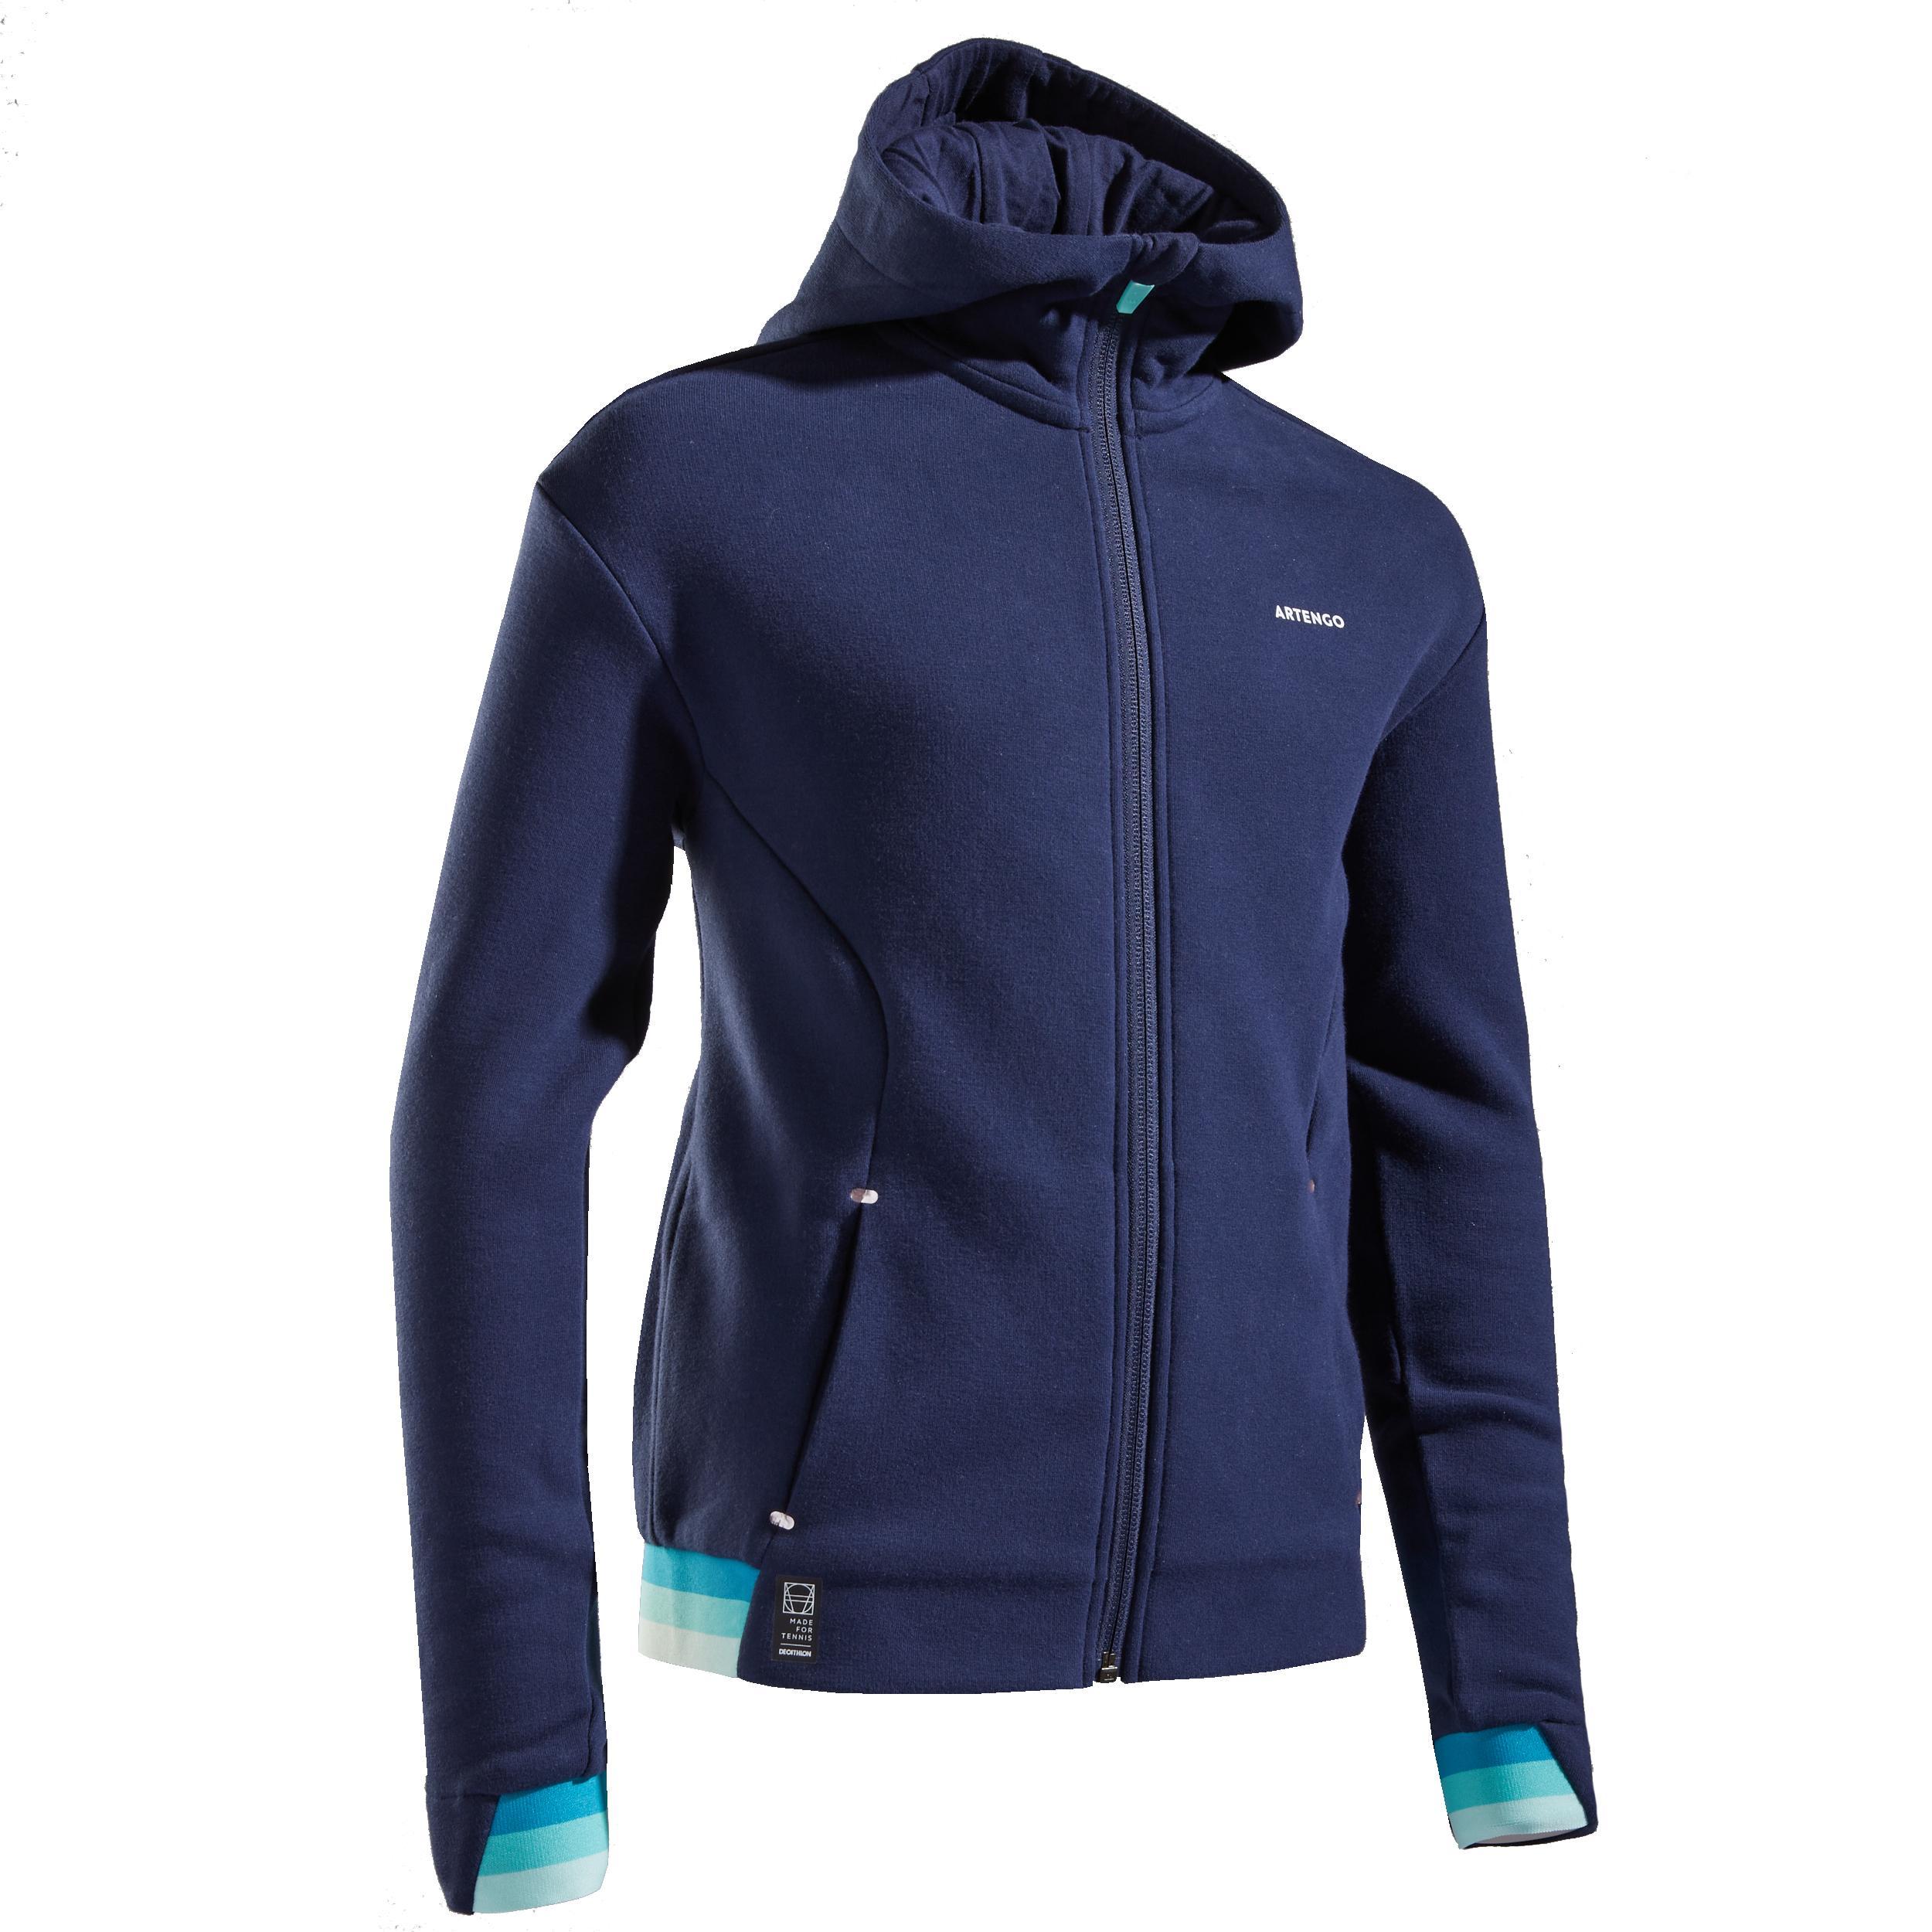 Jachetă Termică Tenis Fete la Reducere poza